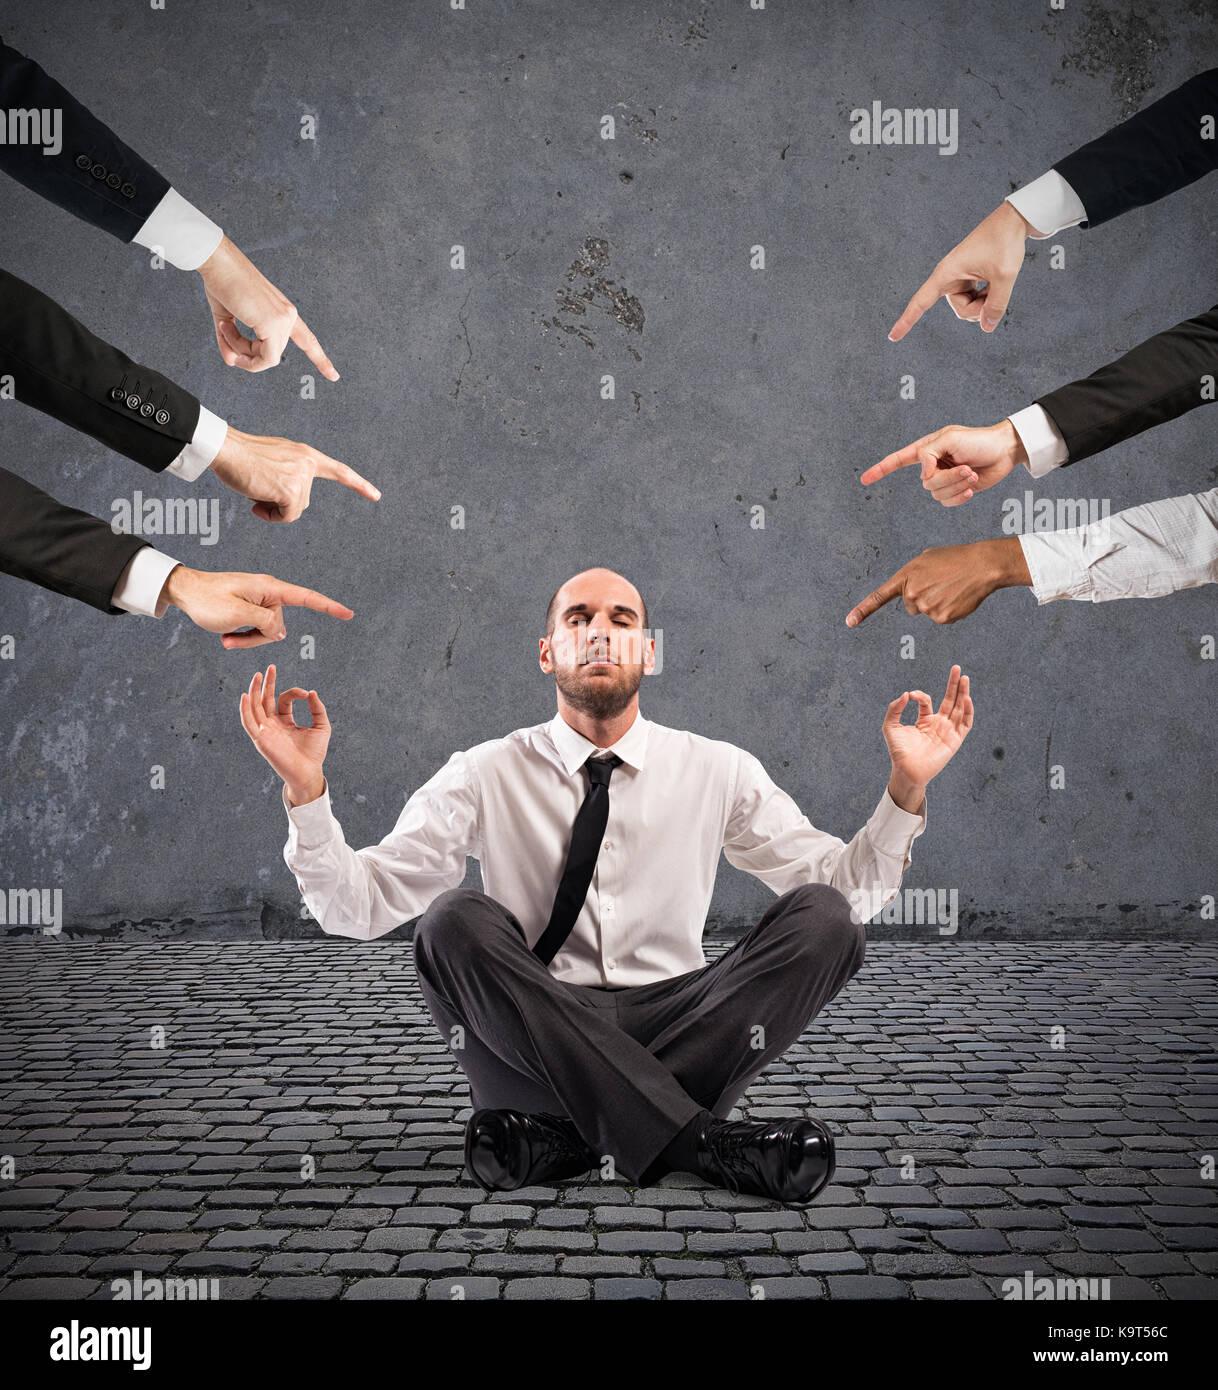 Empresario relajado bajo las acusaciones de colegas Imagen De Stock